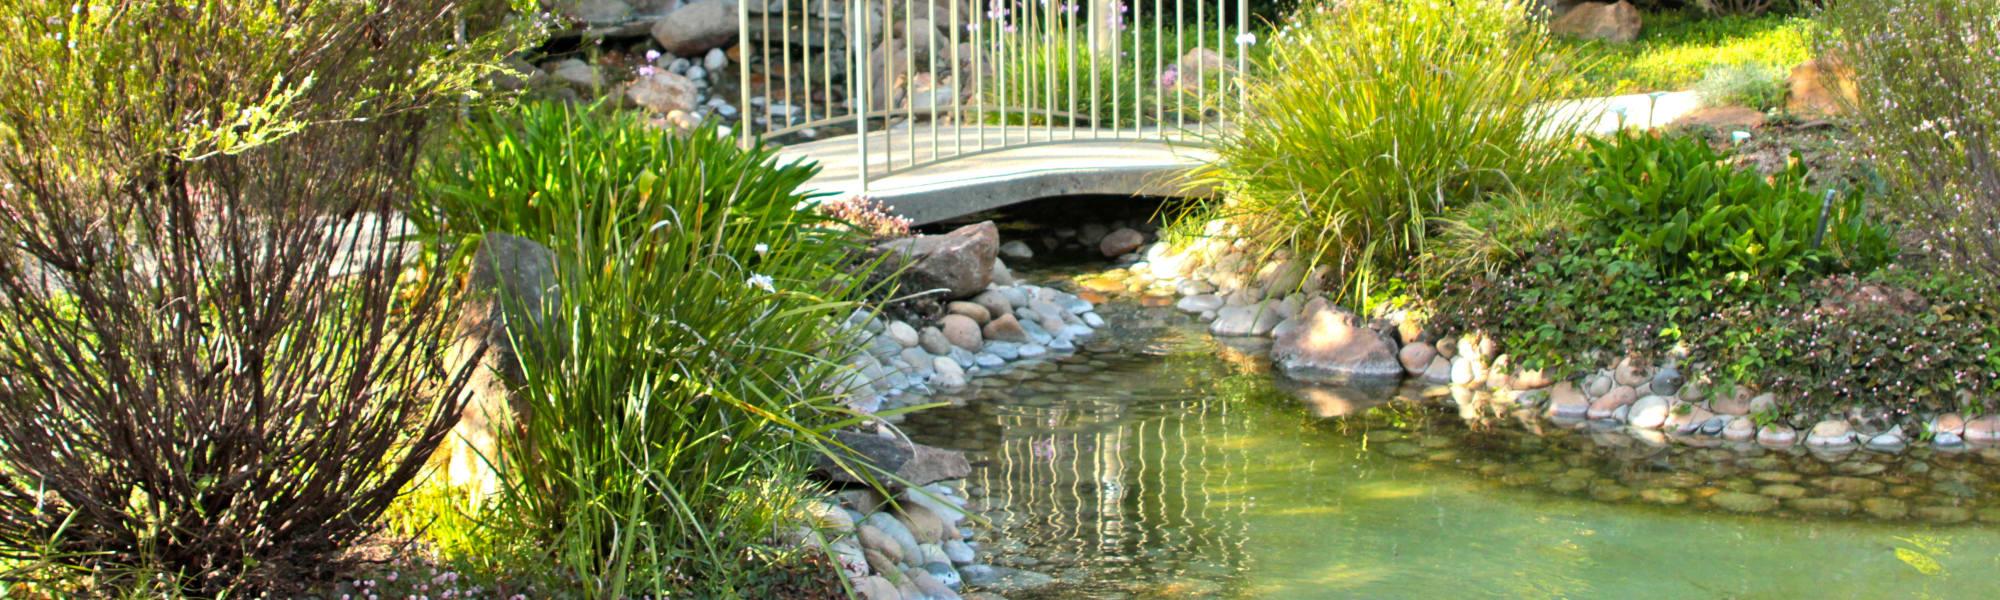 Amenities at Spring Creek Apartments in Santa Clara, California